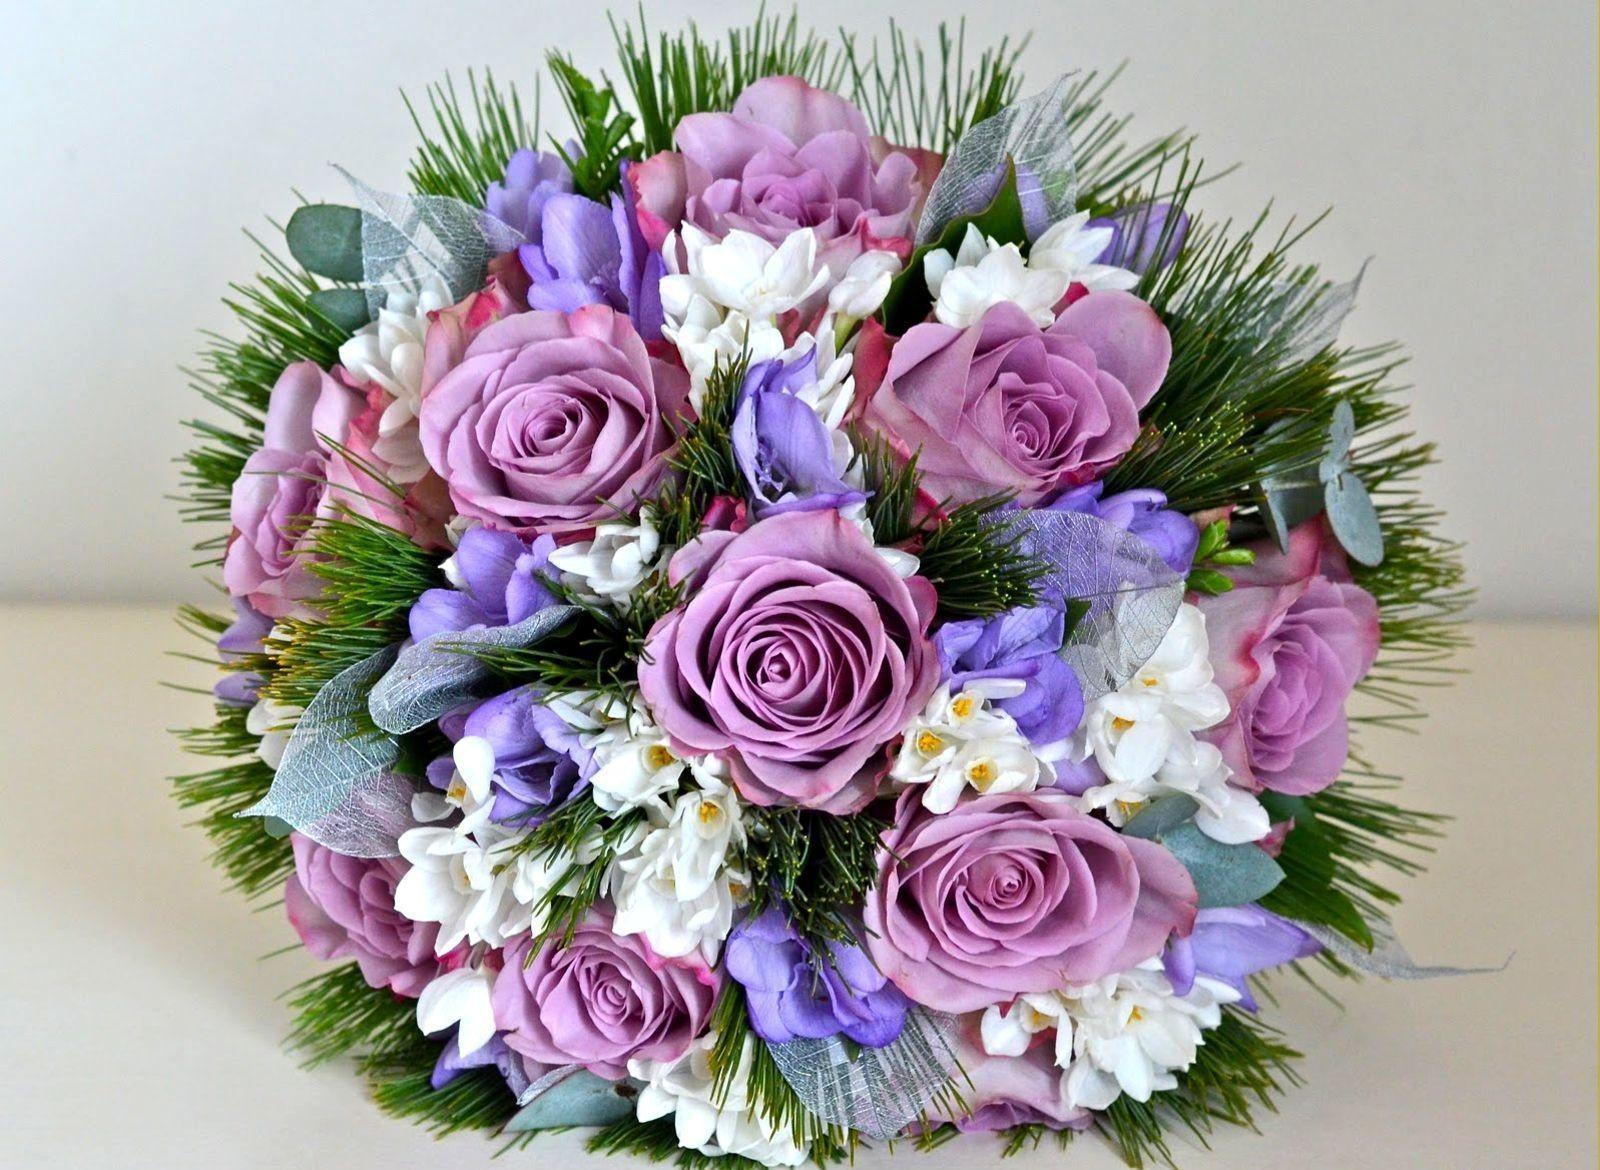 54798 скачать обои Цветы, Букет, Оформление, Зелень, Красиво, Розы - заставки и картинки бесплатно